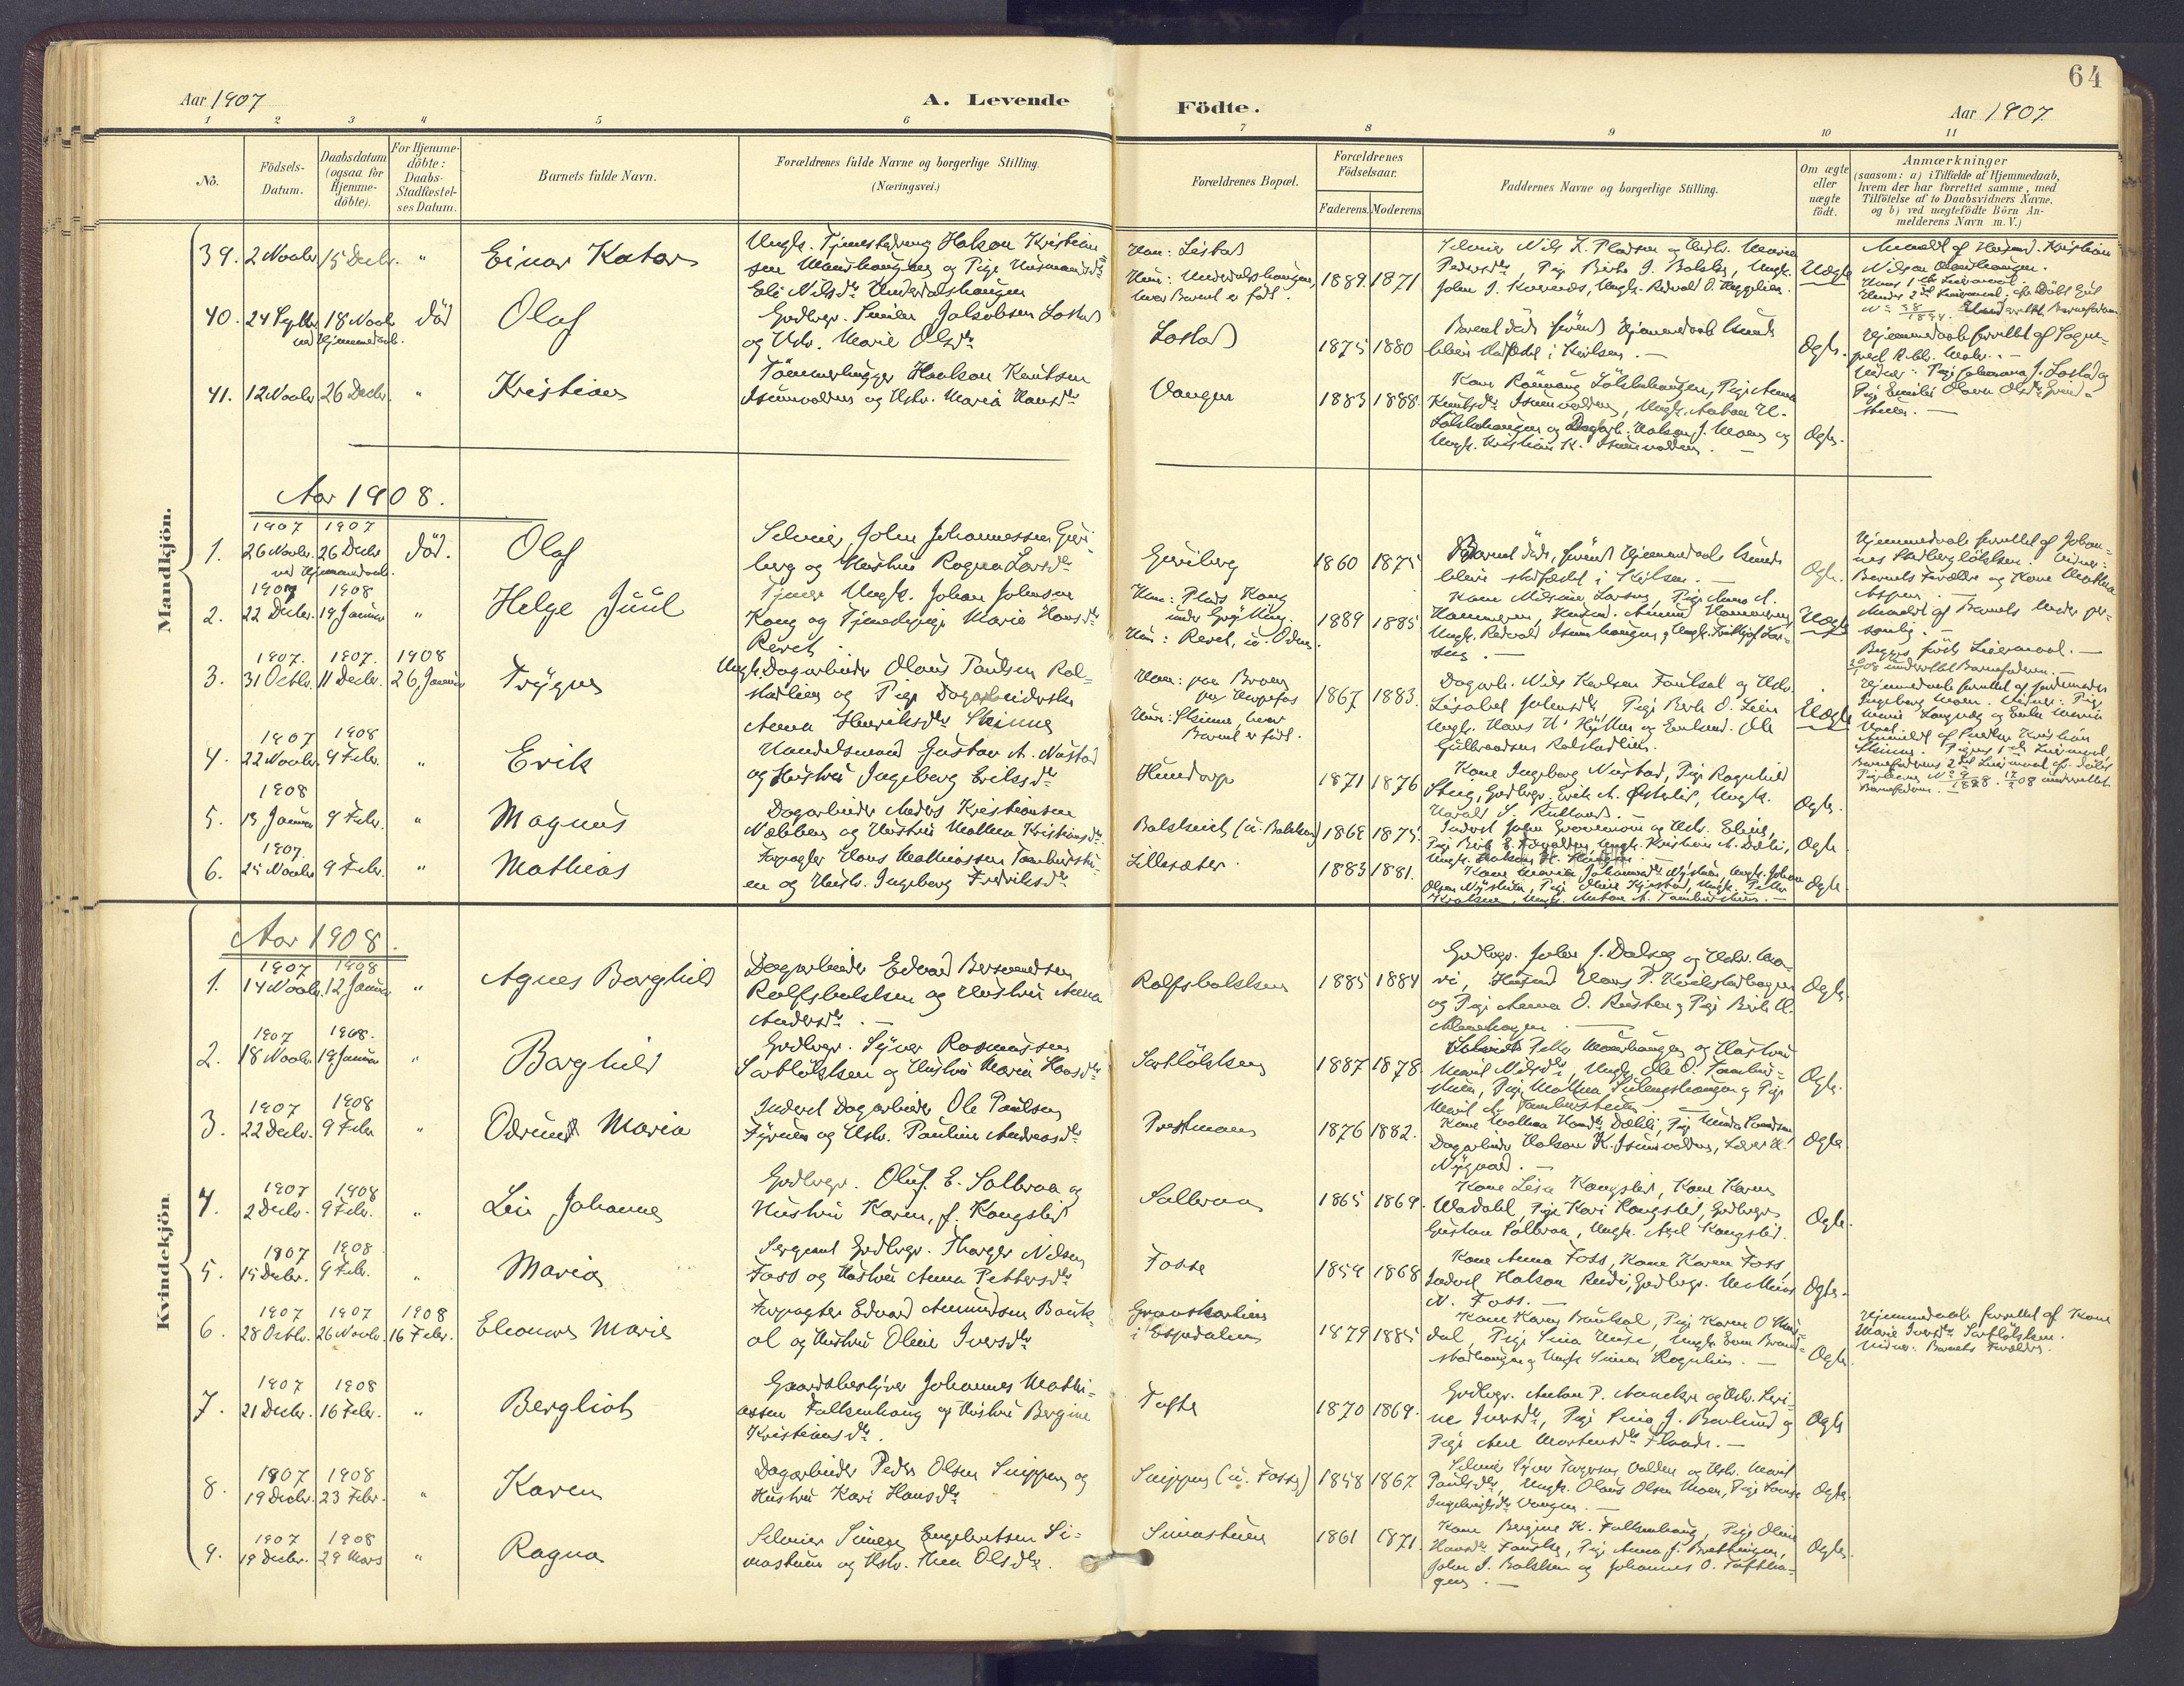 SAH, Sør-Fron prestekontor, H/Ha/Haa/L0004: Ministerialbok nr. 4, 1898-1919, s. 64